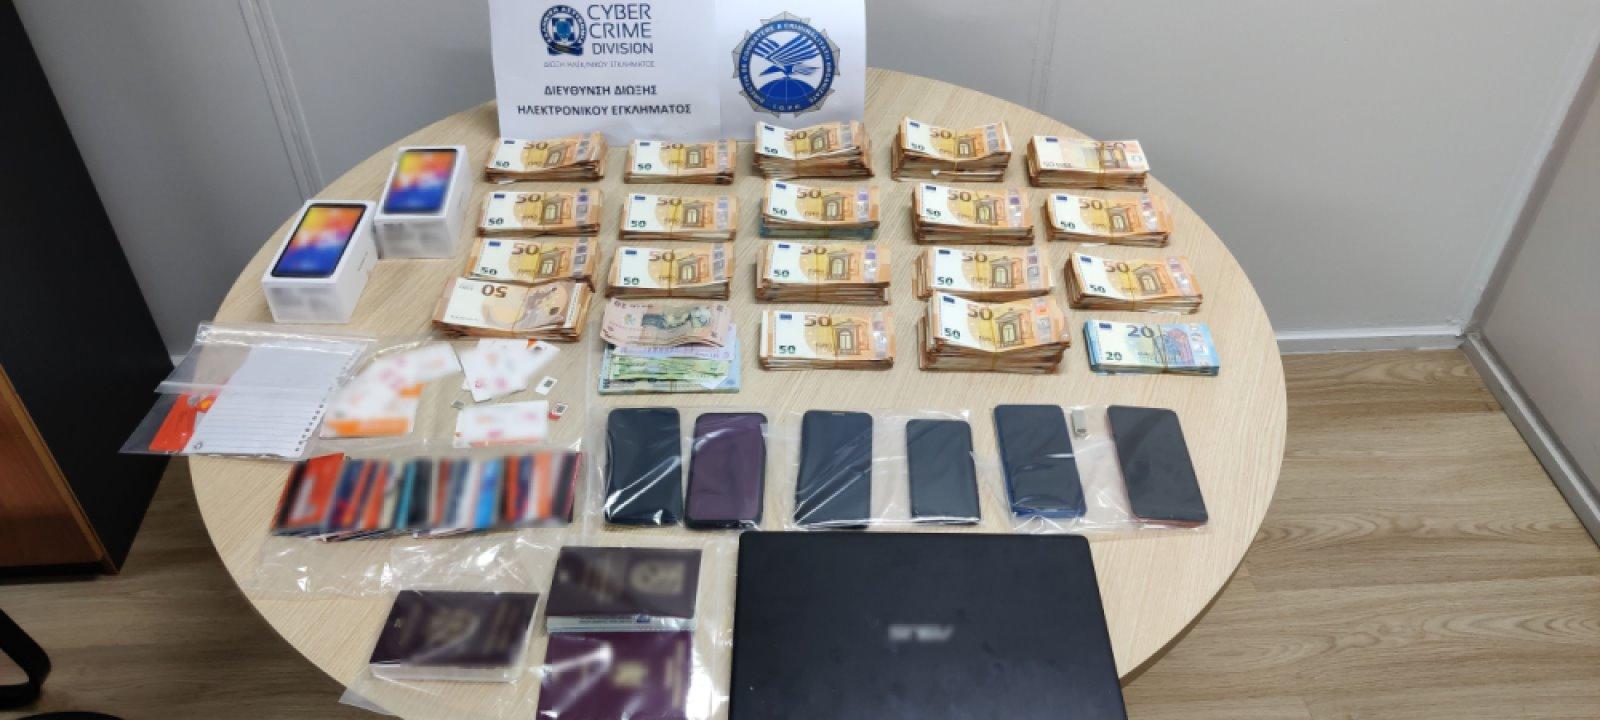 Εγκληματική οργάνωση με ντοκτορά στις απάτες εξάρθρωσε η αστυνομία